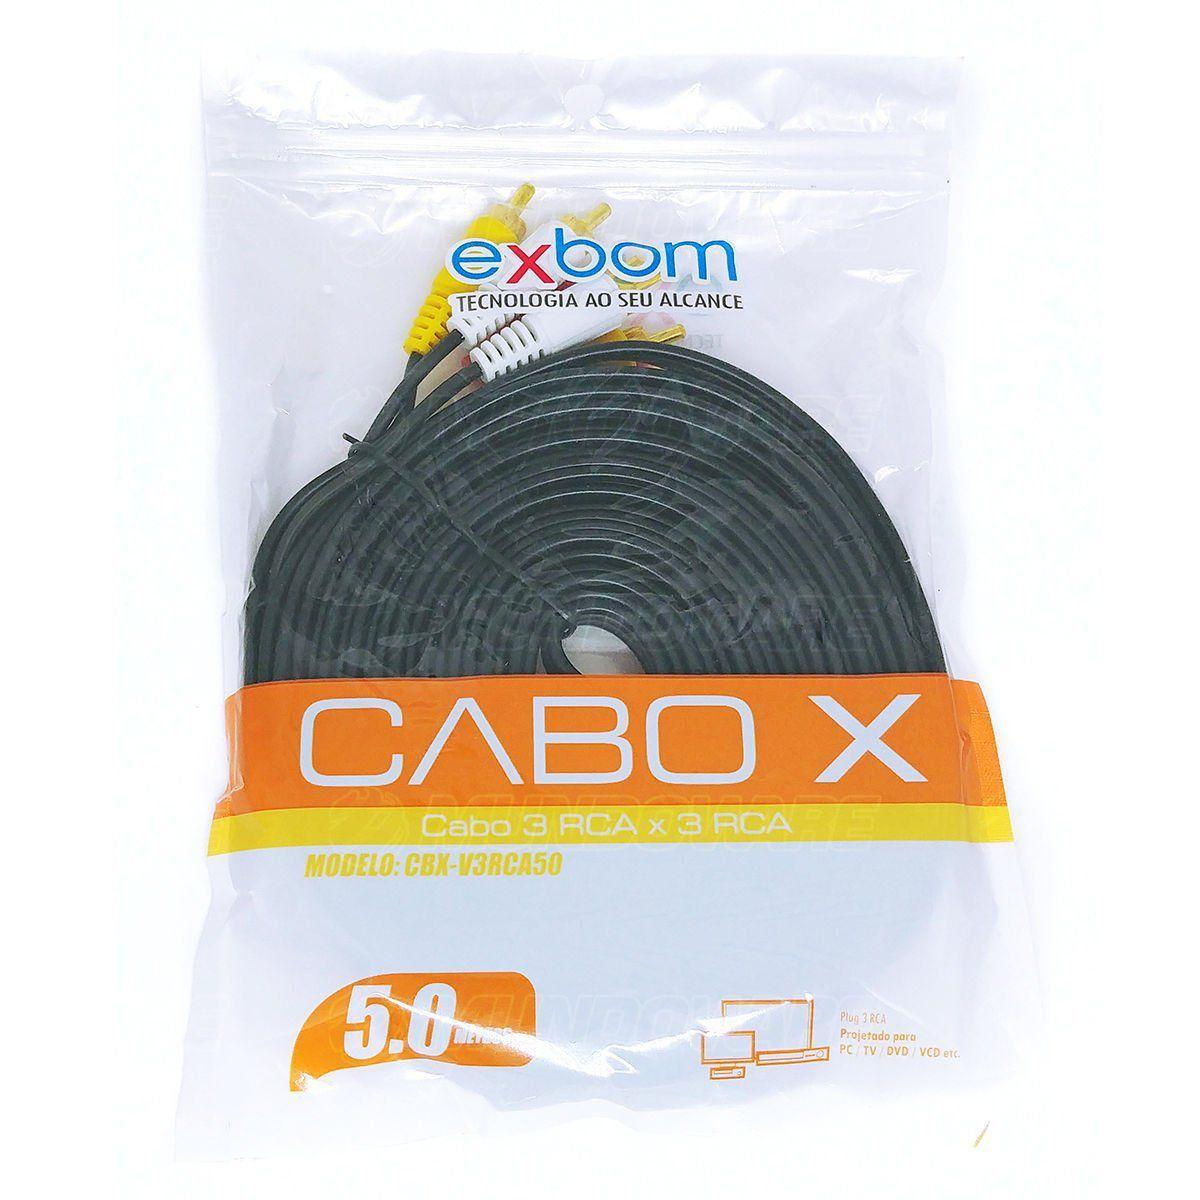 Cabo de Vídeo RCA 3x M x RCA 3x M Reforçado OD10.5 com Pontas Douradas 5 Metros Exbom CBX-V3RCA50